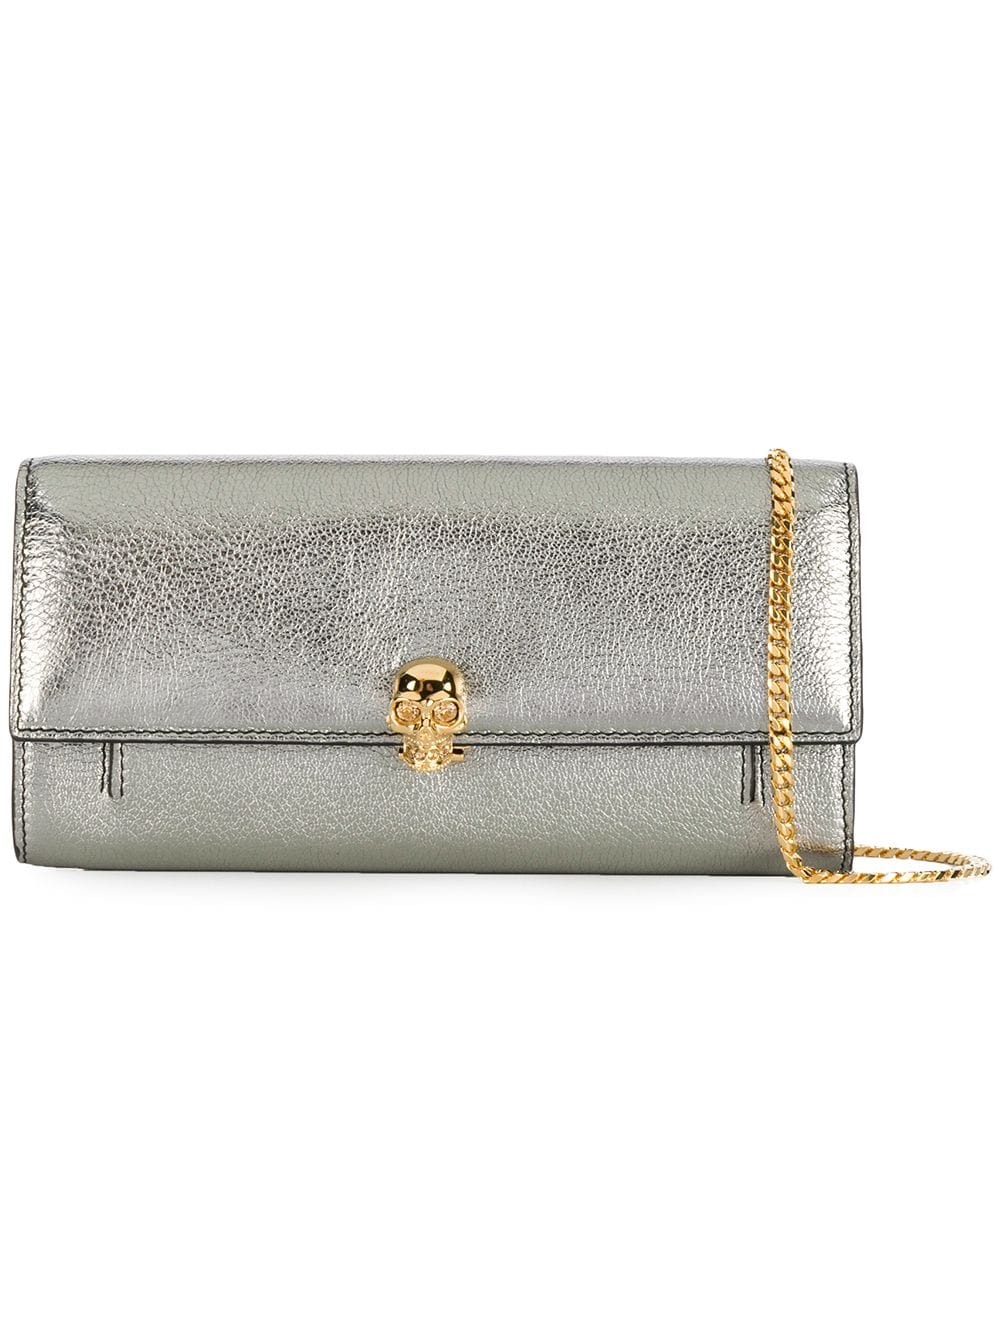 Alexander McQueen Portemonnaie mit Kette - Silber